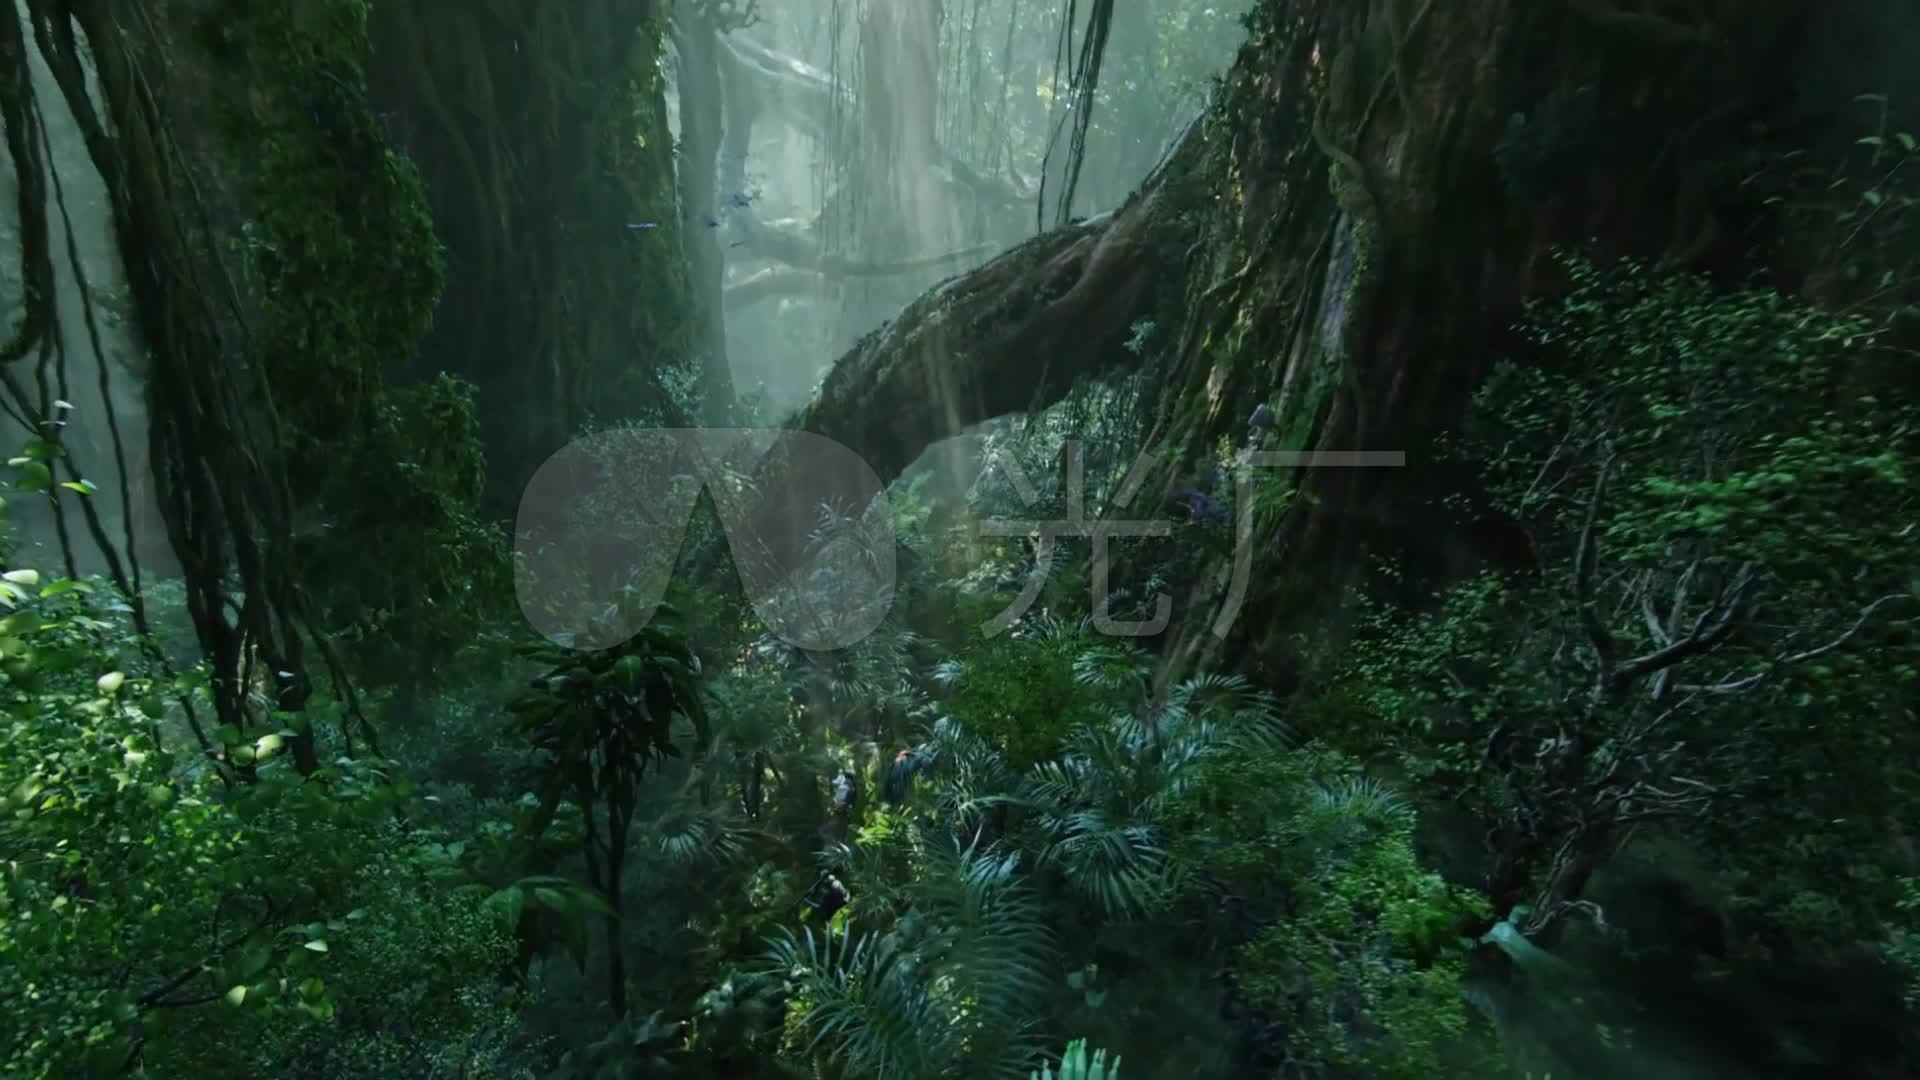 热带雨林大高清沼泽地树根_1920X1080_视频故事幼教视频图片